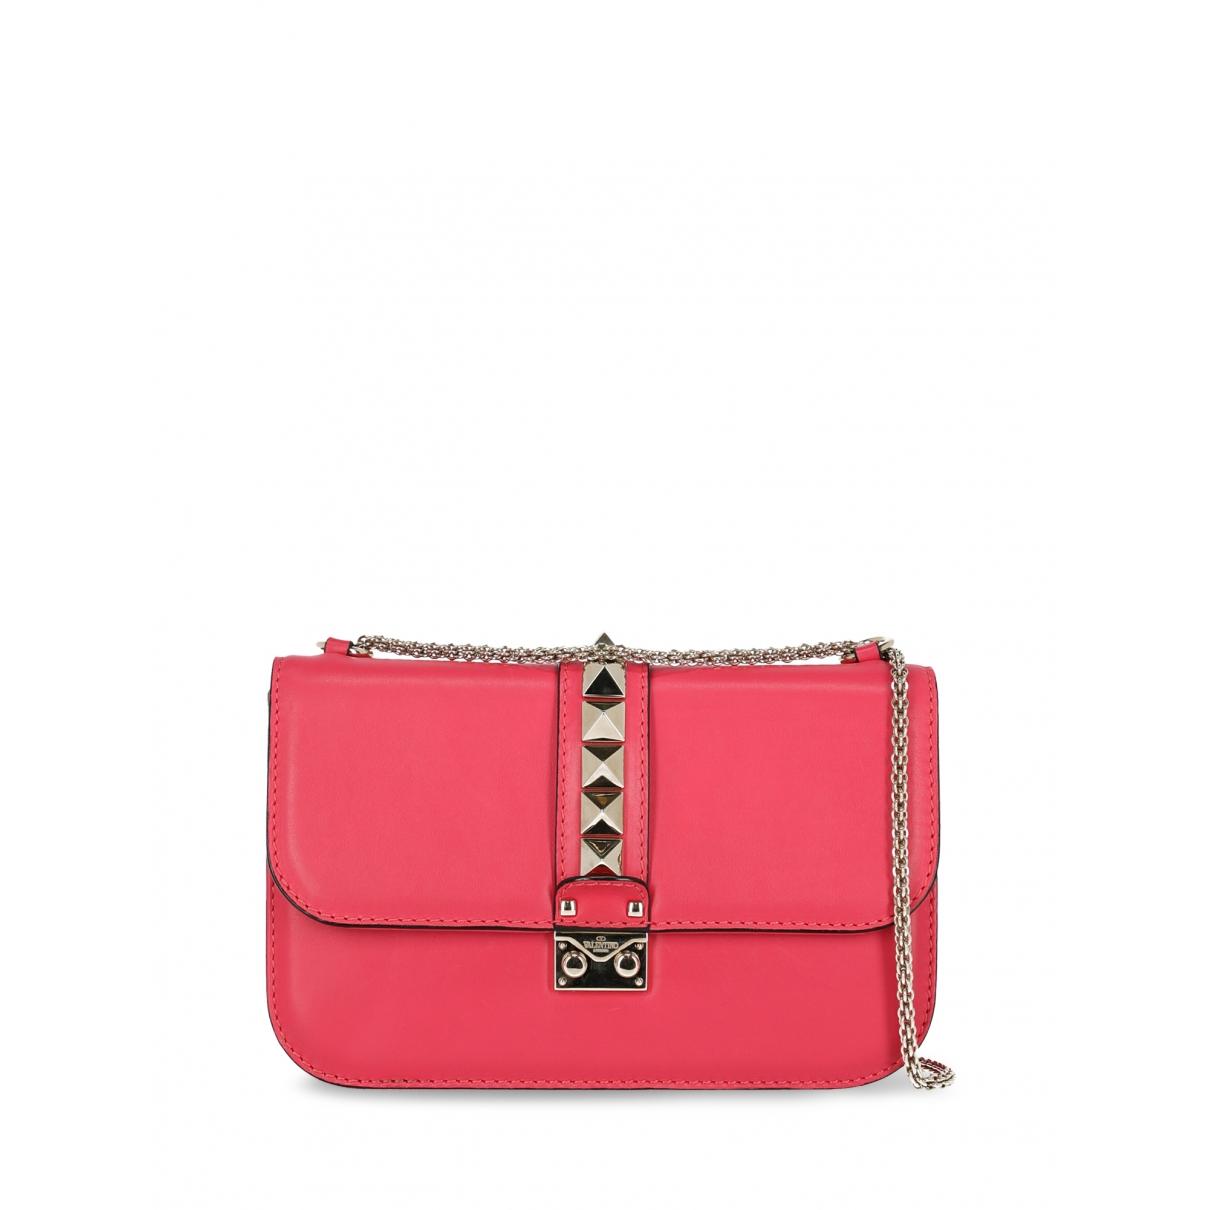 Valentino Garavani - Sac a main Glam Lock pour femme en cuir - rose